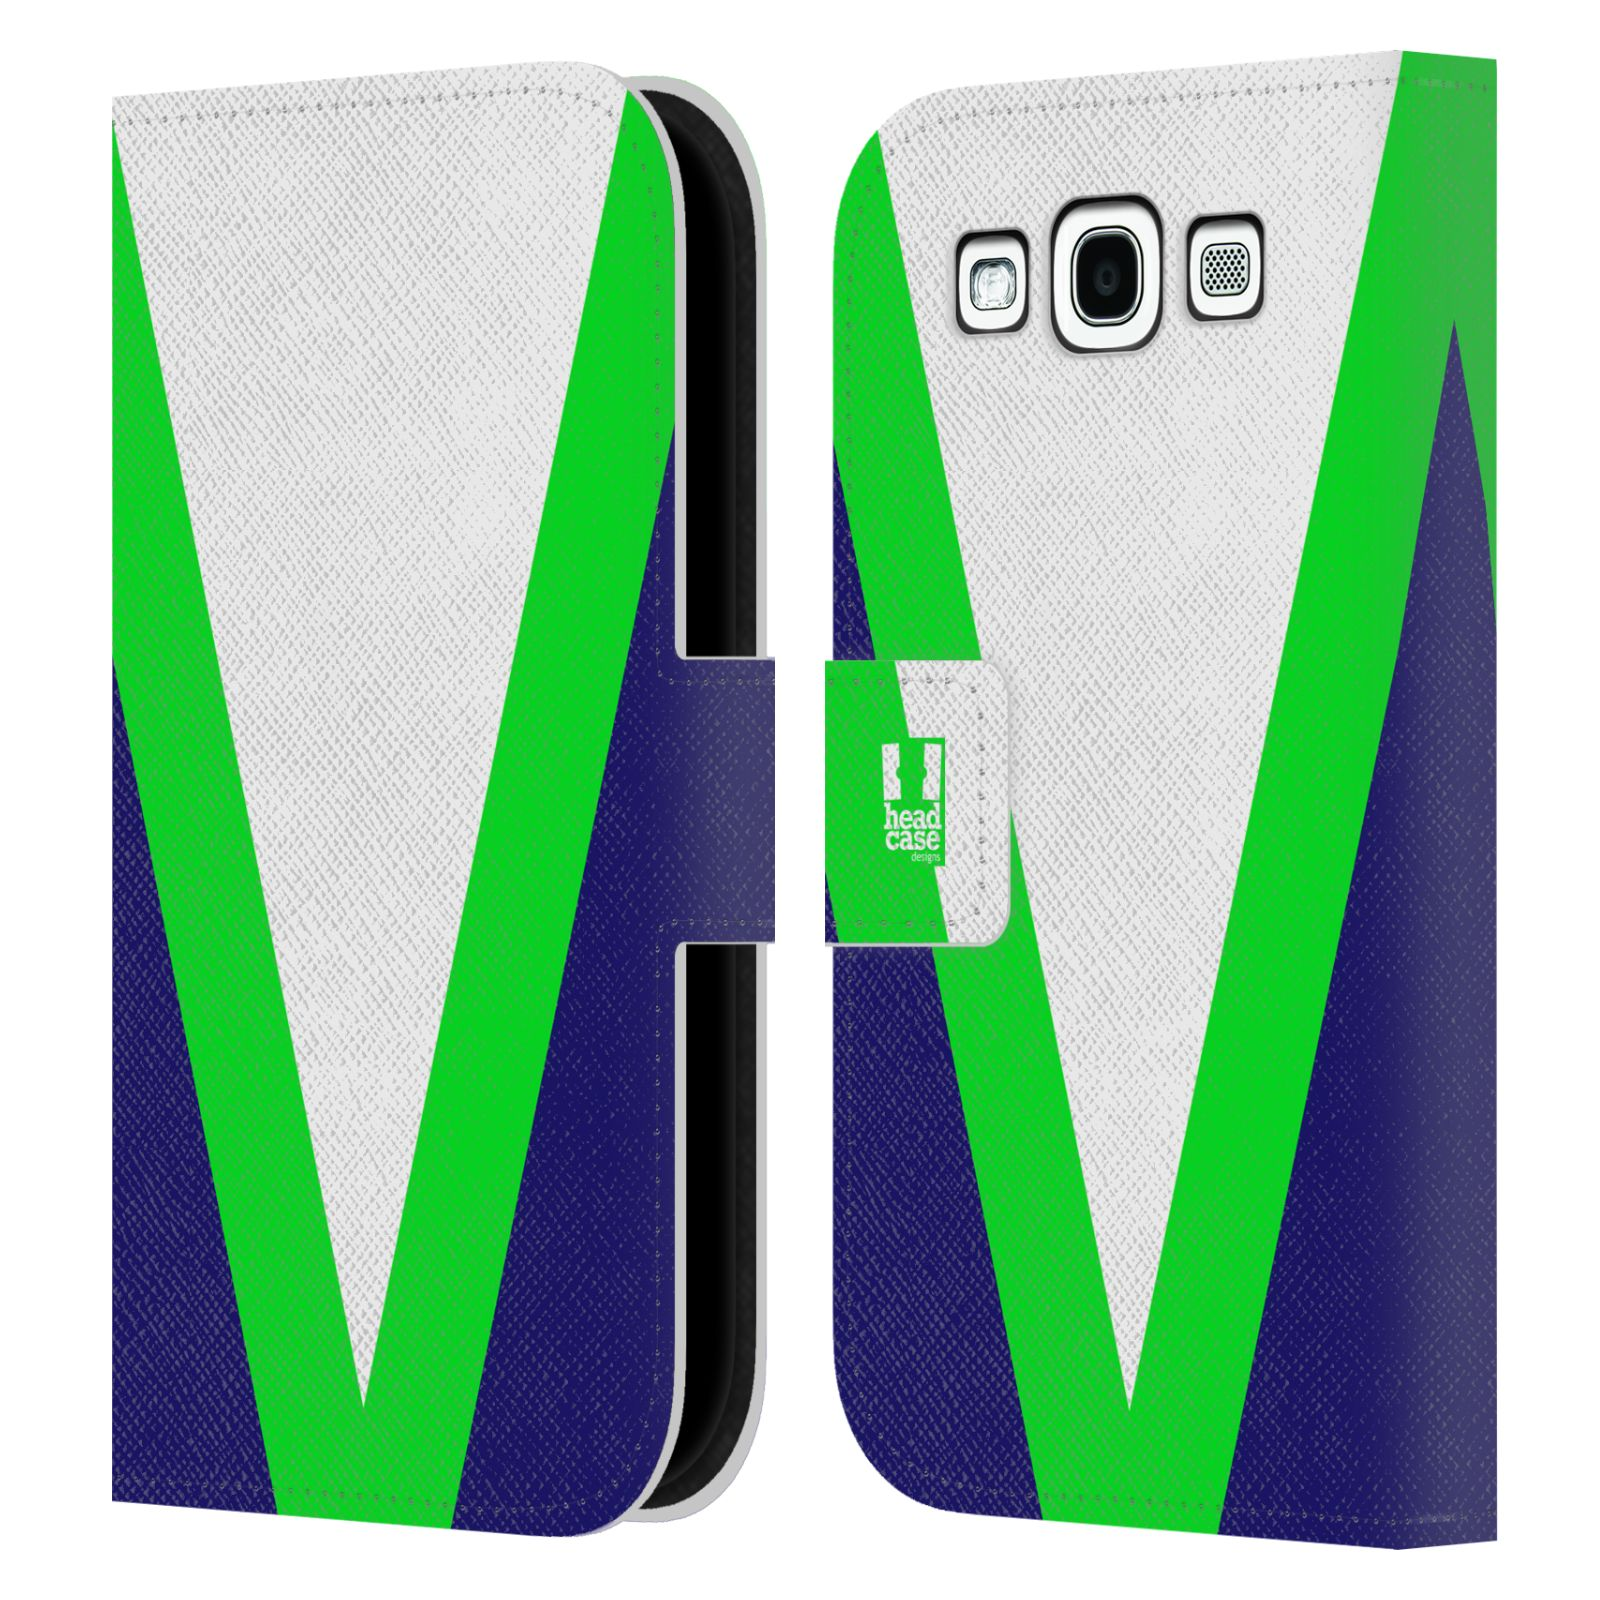 HEAD CASE Flipové pouzdro pro mobil Samsung Galaxy S3 I9300 barevné tvary zelená a modrá